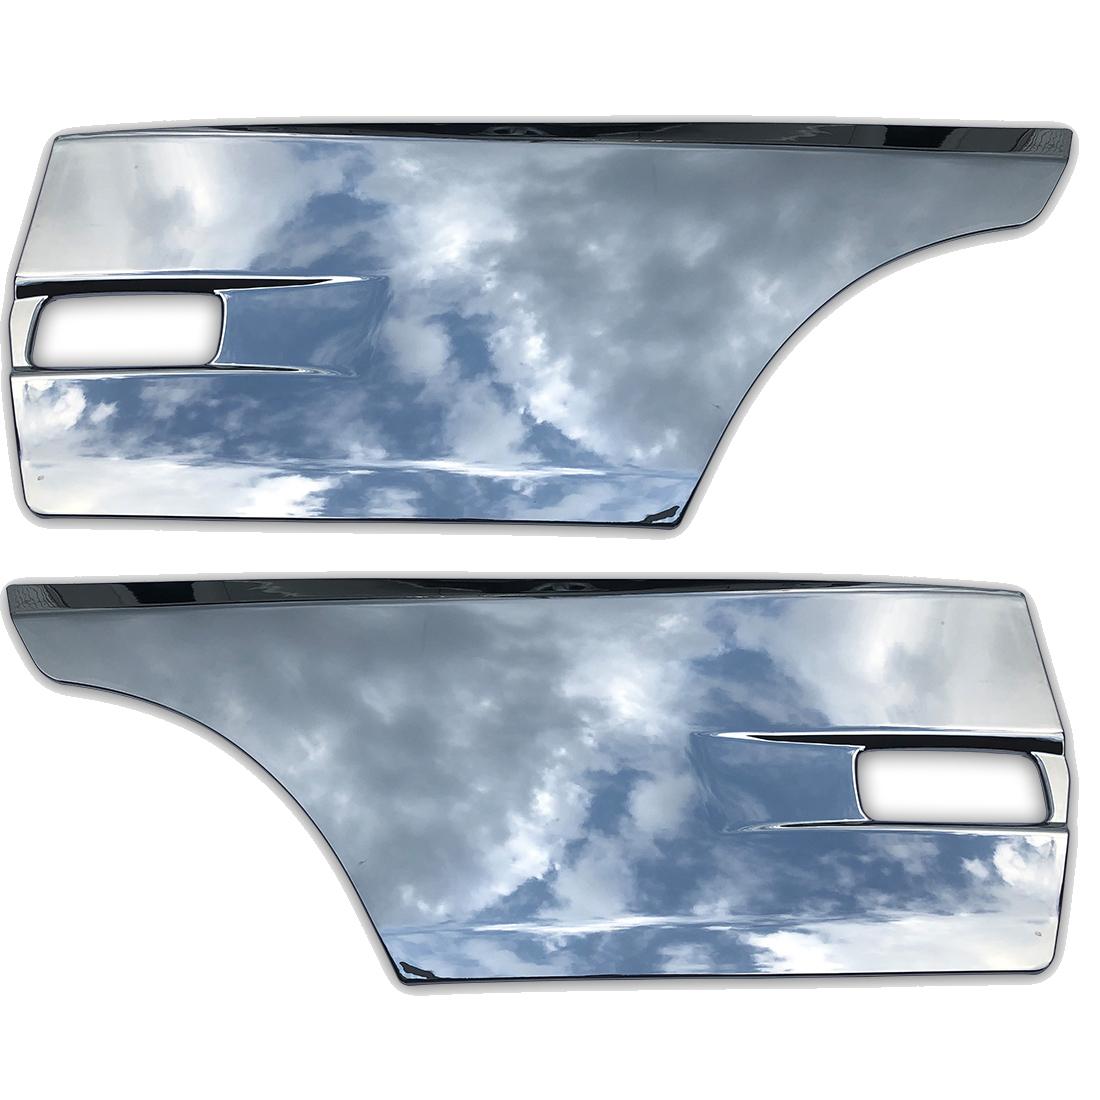 日産 UD クオン 大型 メッキ サイド ドア ガーニッシュ パネル 左右セット ブリスター 平成16年11月~ AP-T136LR_画像1